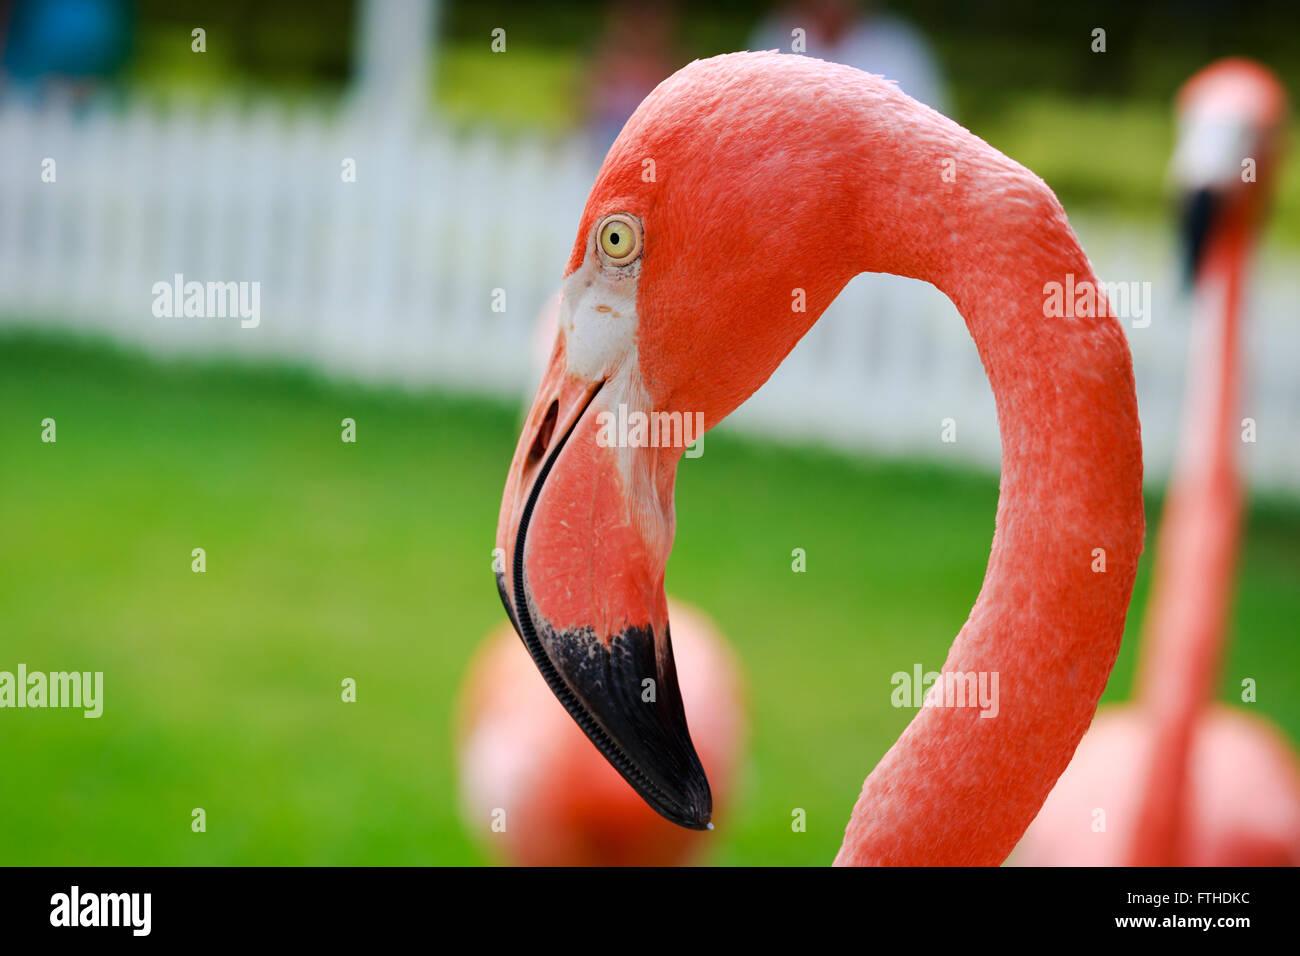 Flamingo closeup - Stock Image